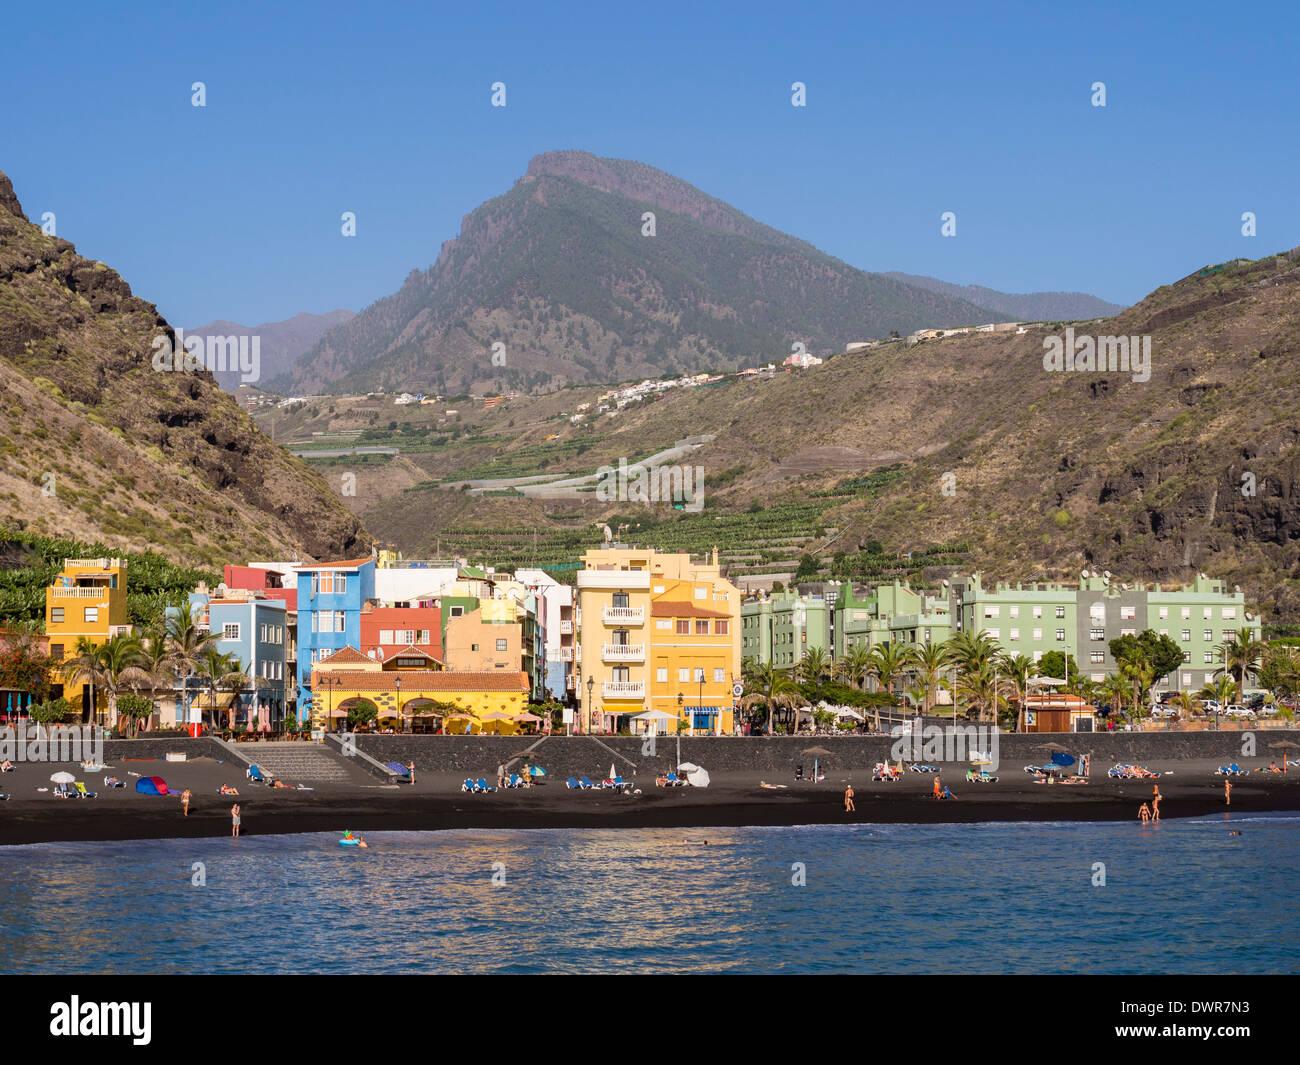 Der schwarze Strand von Puerto de Tazacorte auf der Kanareninsel La Palma. Stockbild